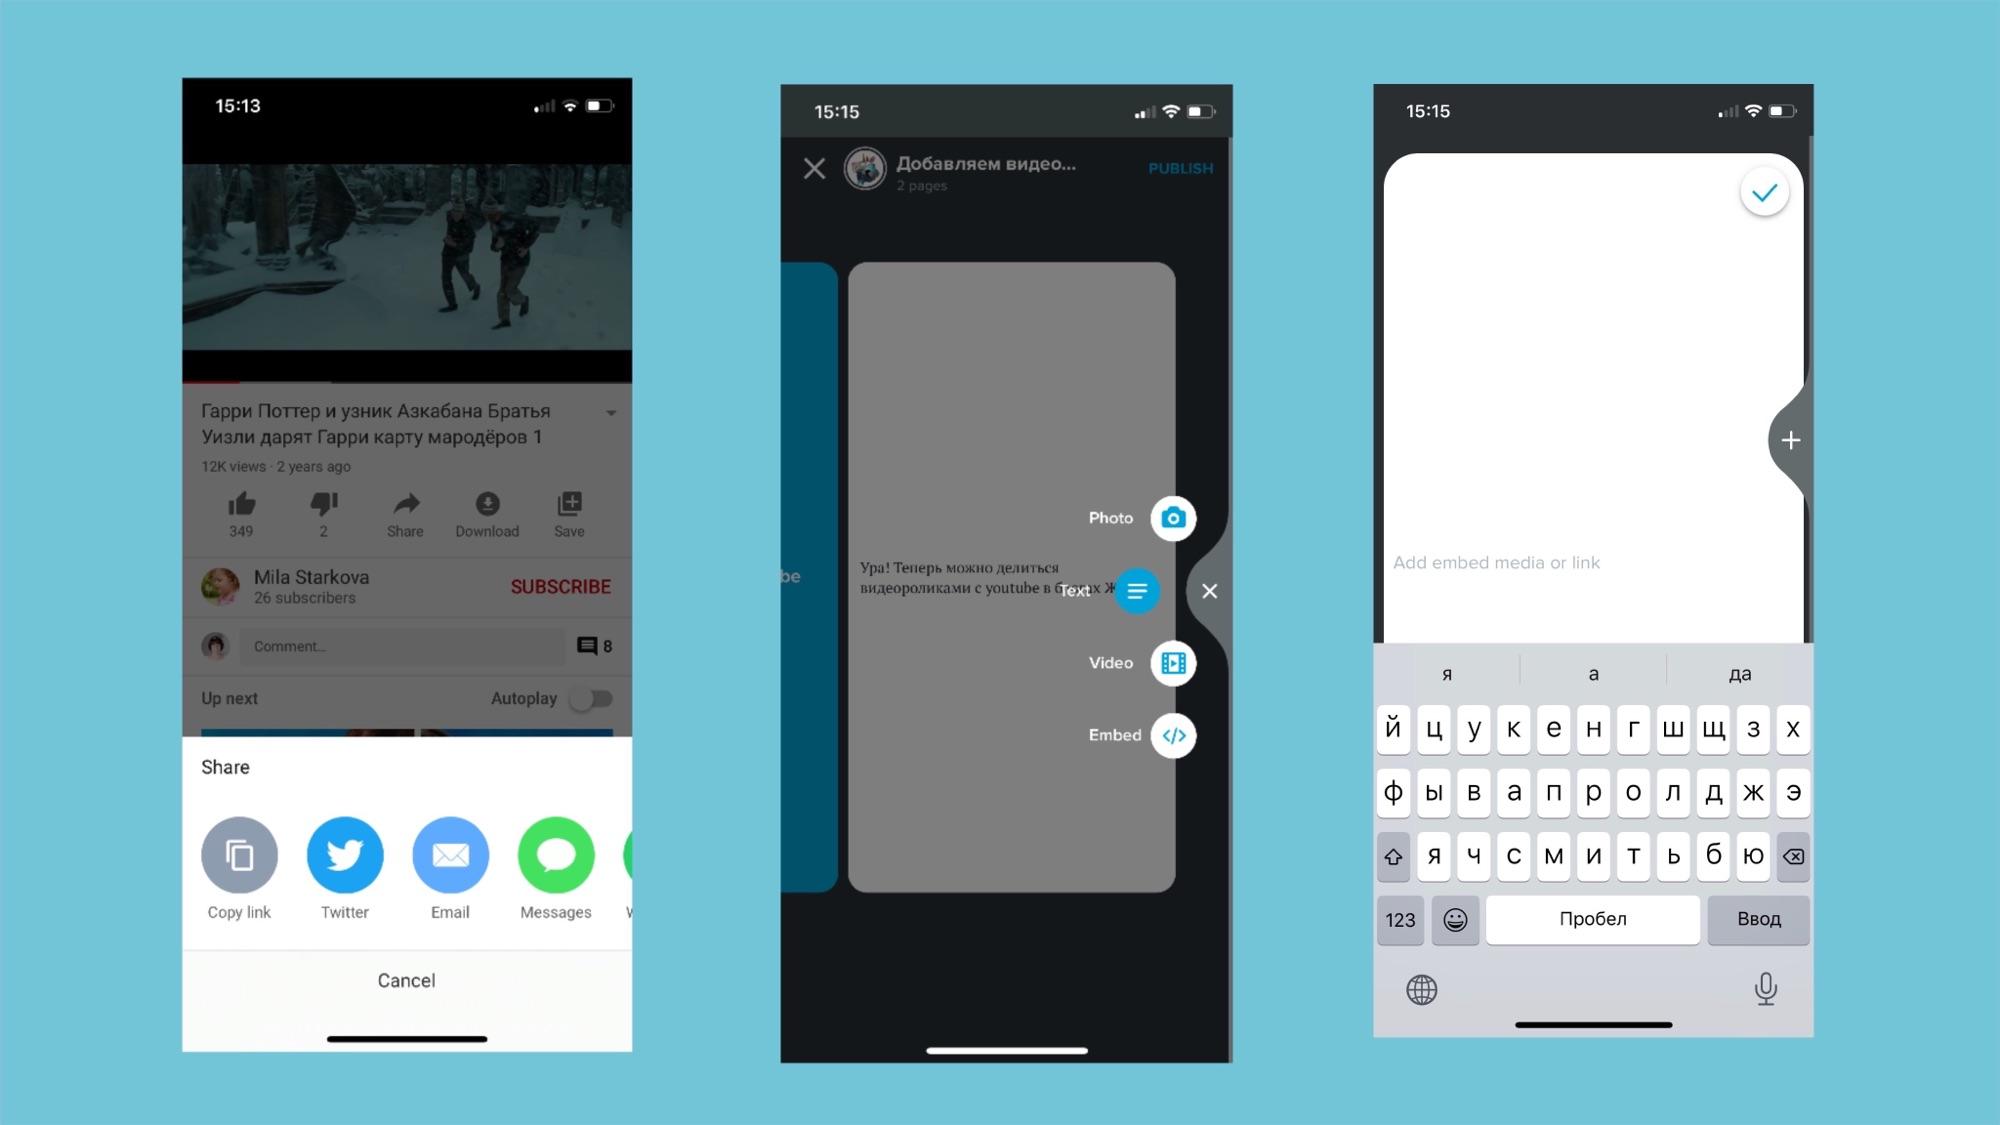 Мобильное приложение ЖЖ